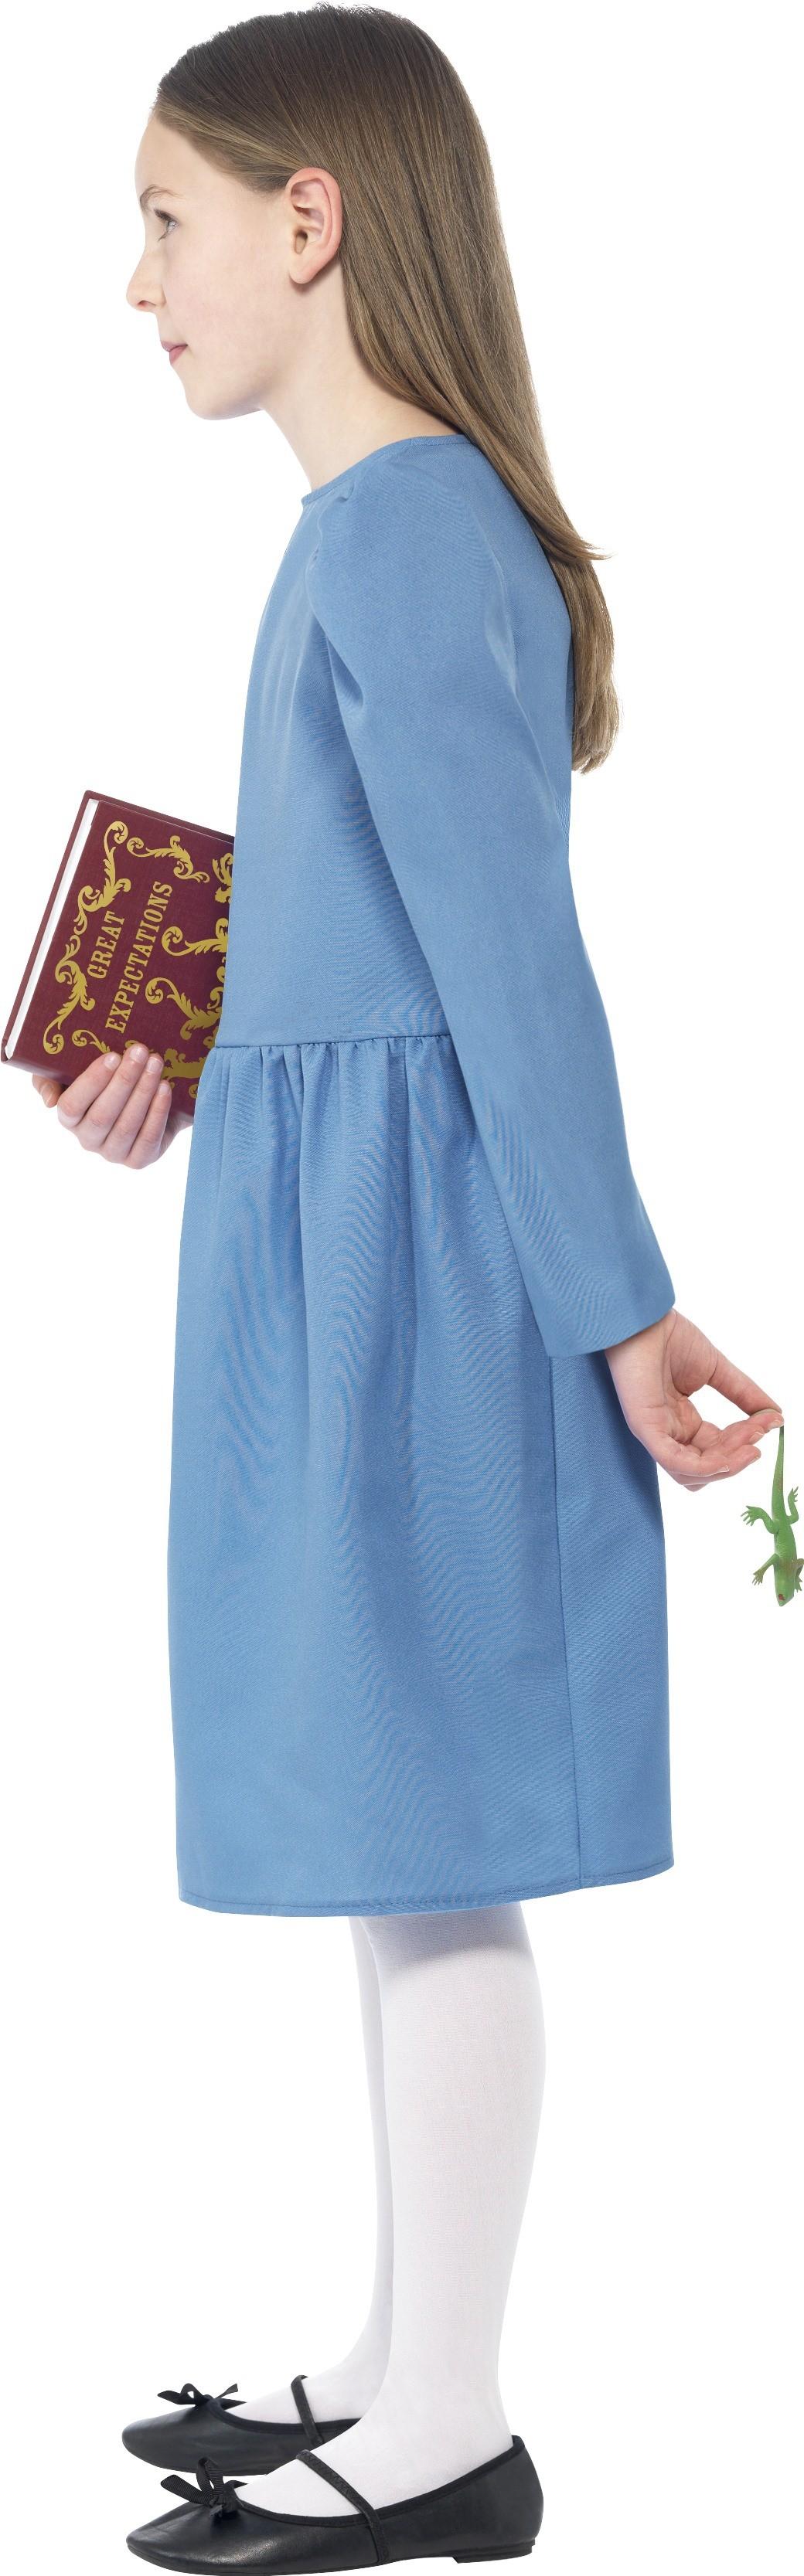 Roald Dahl Matilda Girls World Book Week Fancy Dress Up